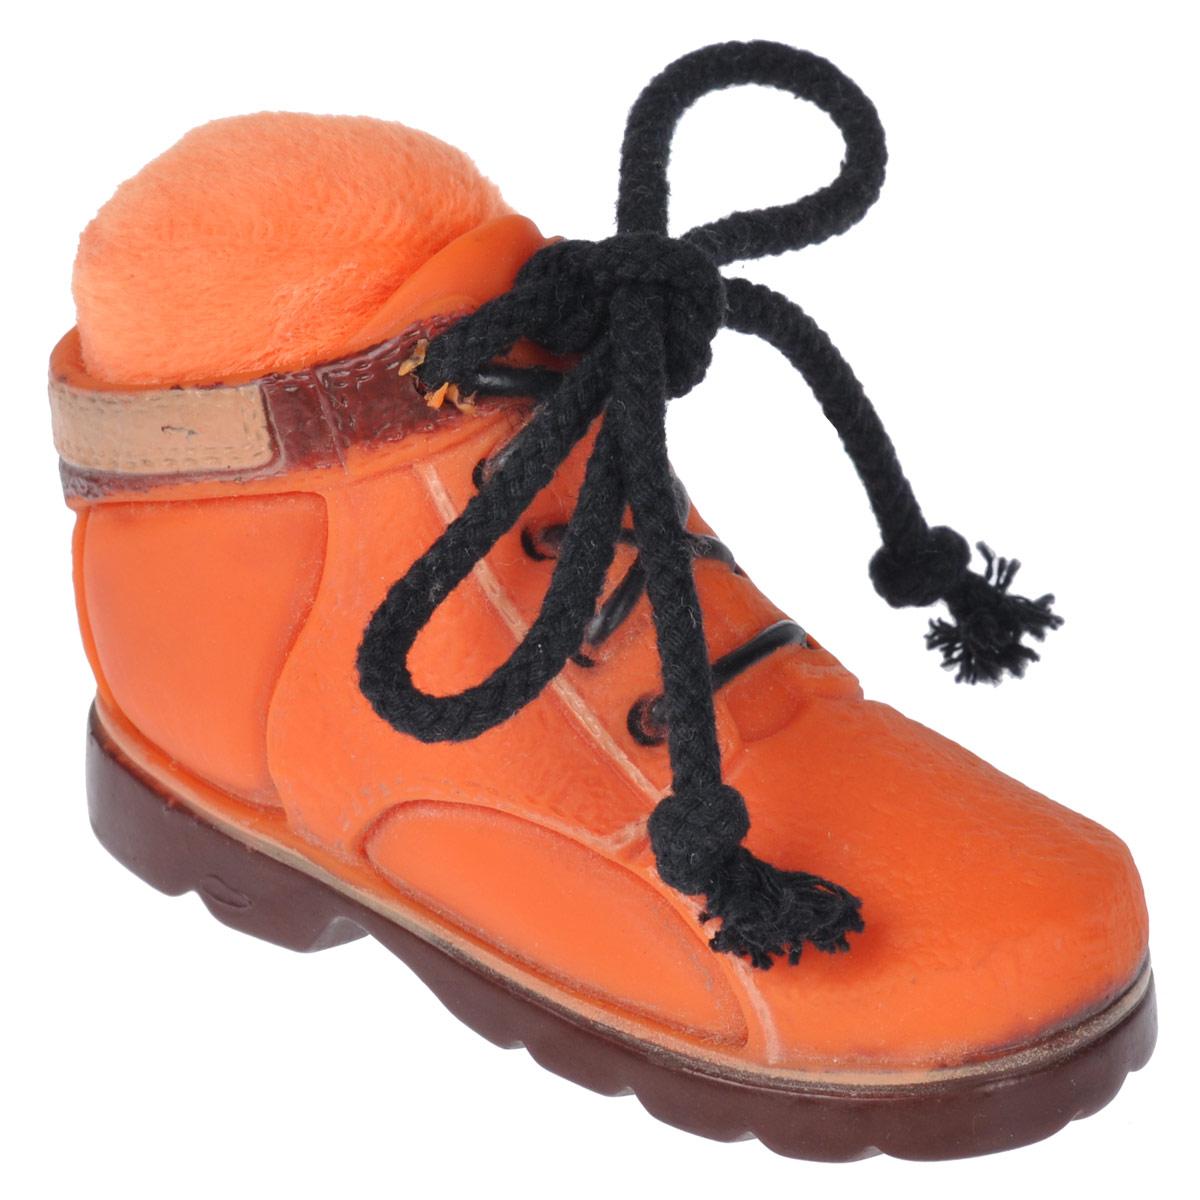 Игрушка для собак Beeztees Ботинок, цвет: оранжевый игрушка для собак beeztees ослик 619691